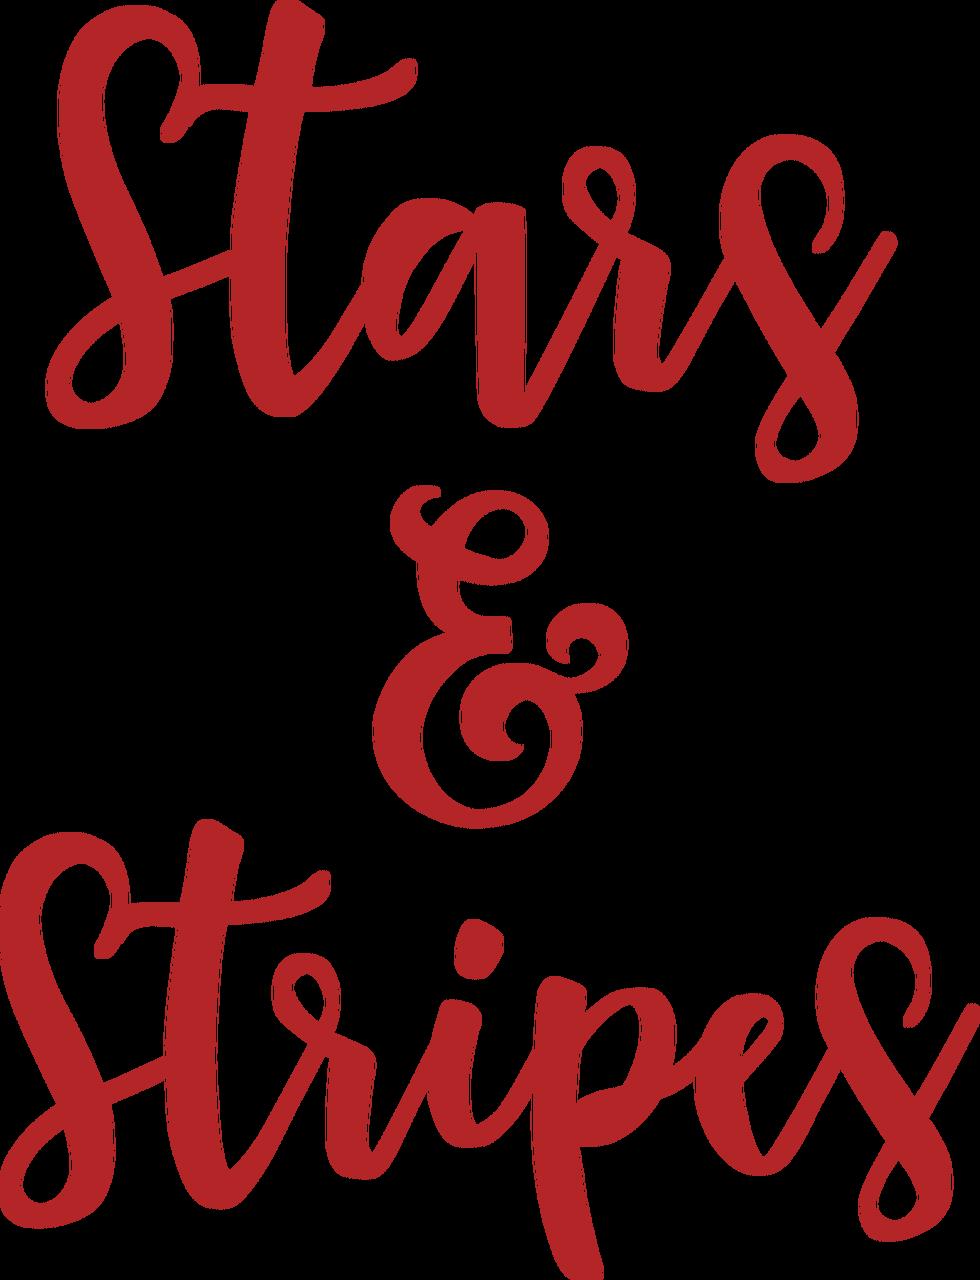 Stars & Stripes SVG Cut File